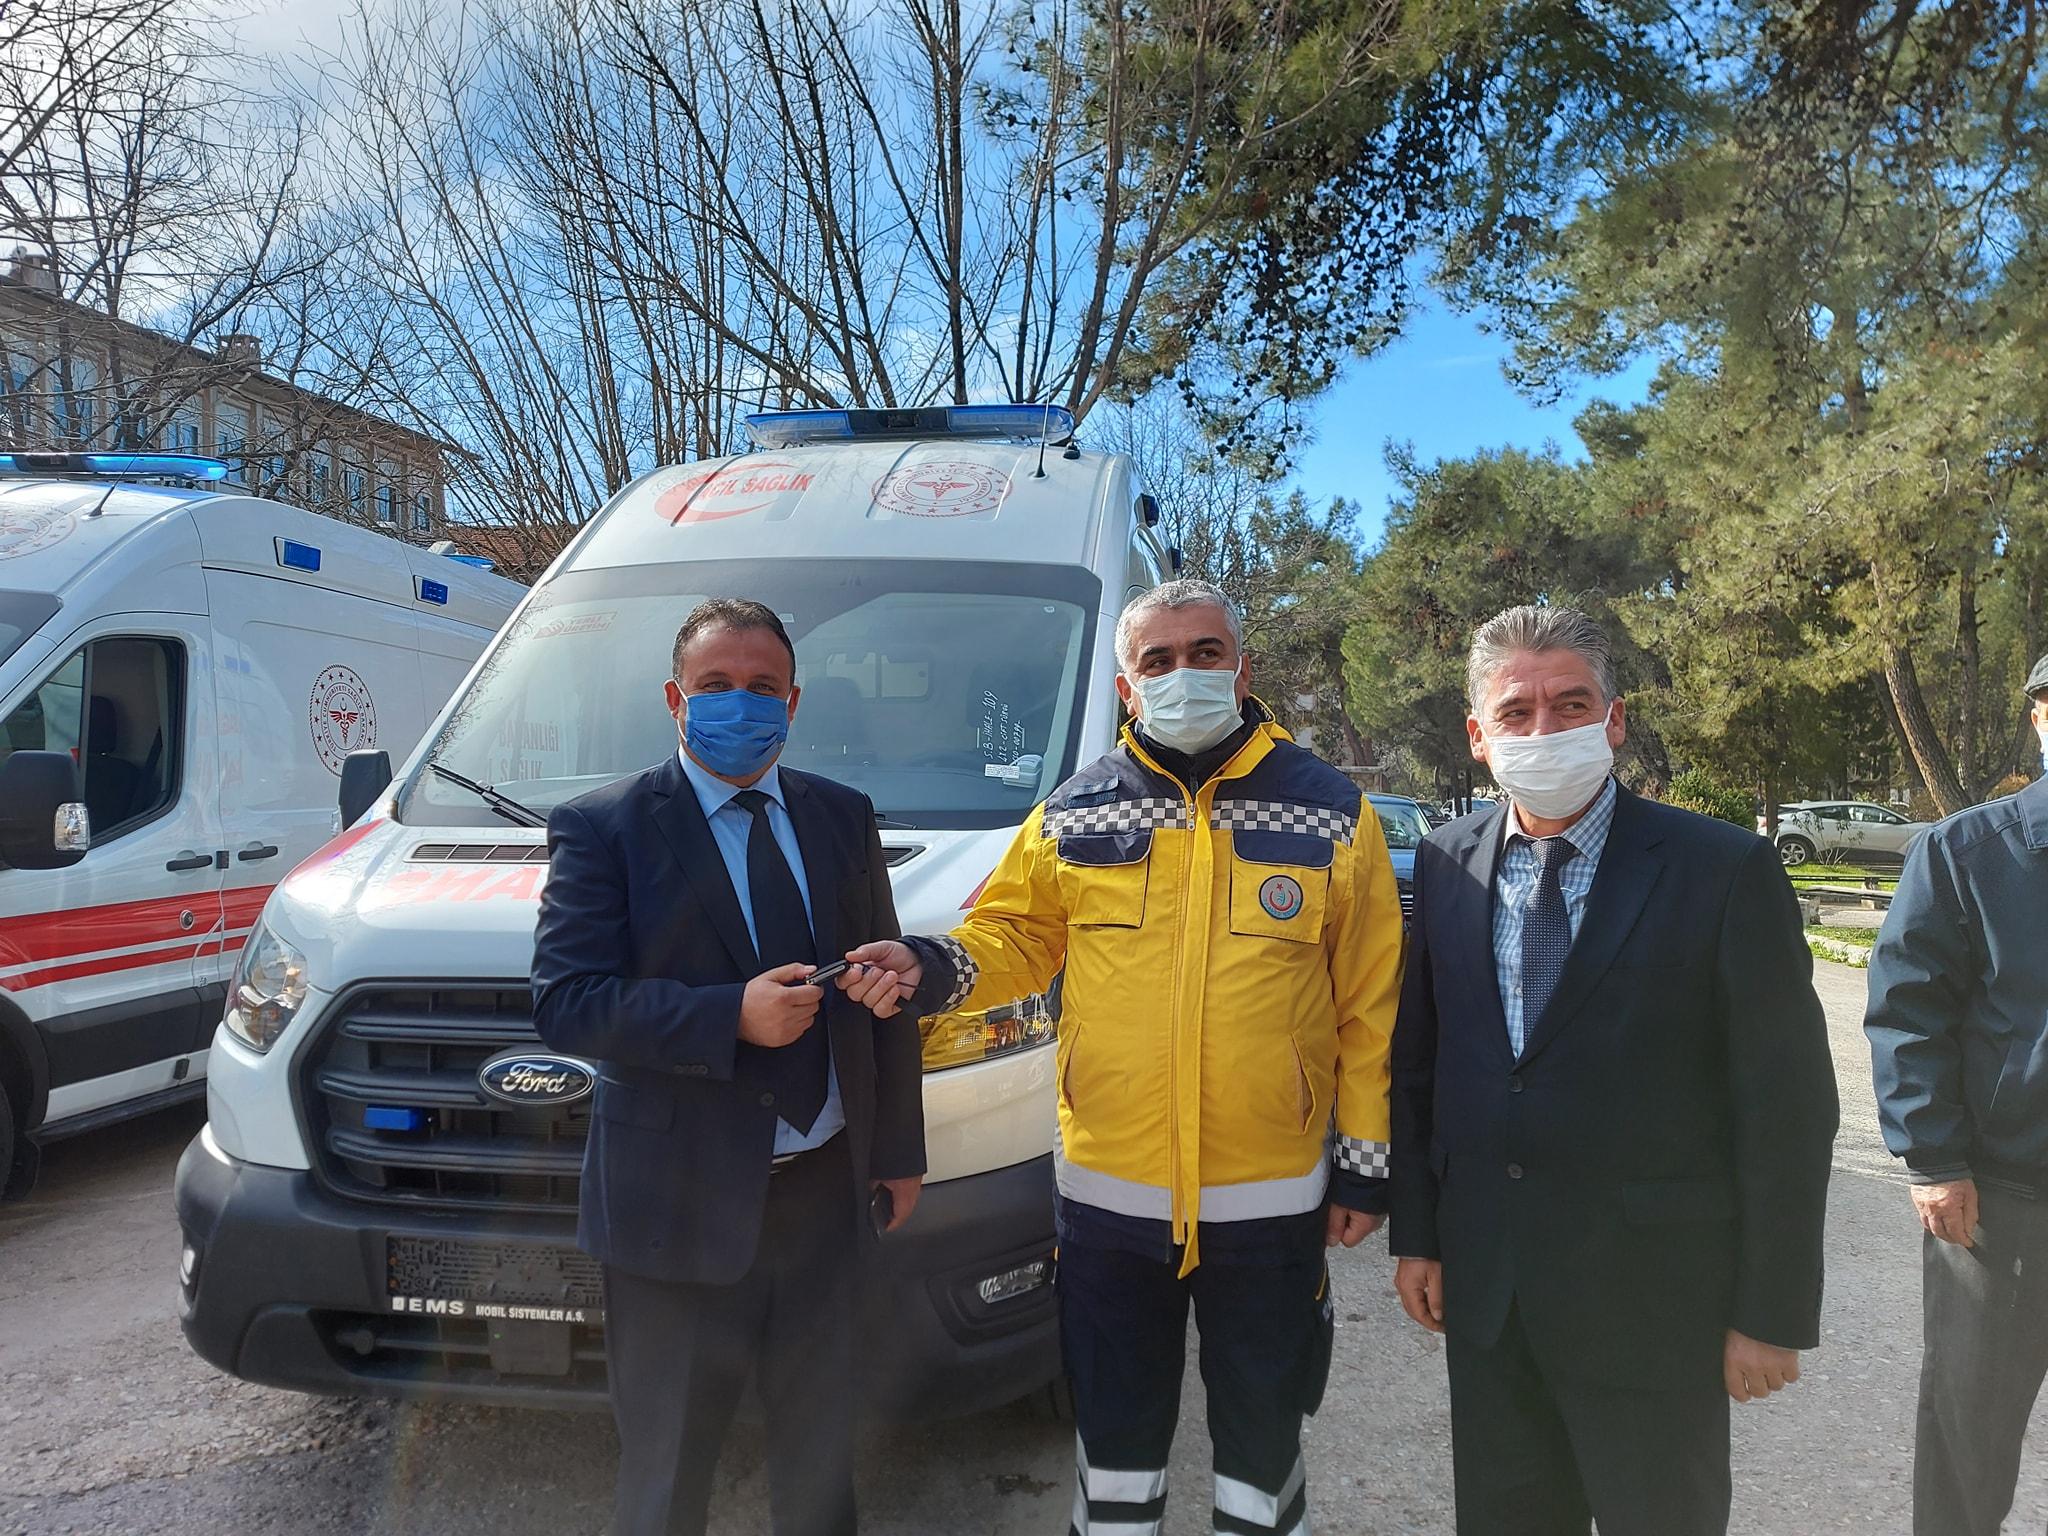 İlçemizin 112 Acil Sağlık Hizmet İstasyonundaki Hizmet Ağına 1 Adet Ambulansımız Daha Eklendi